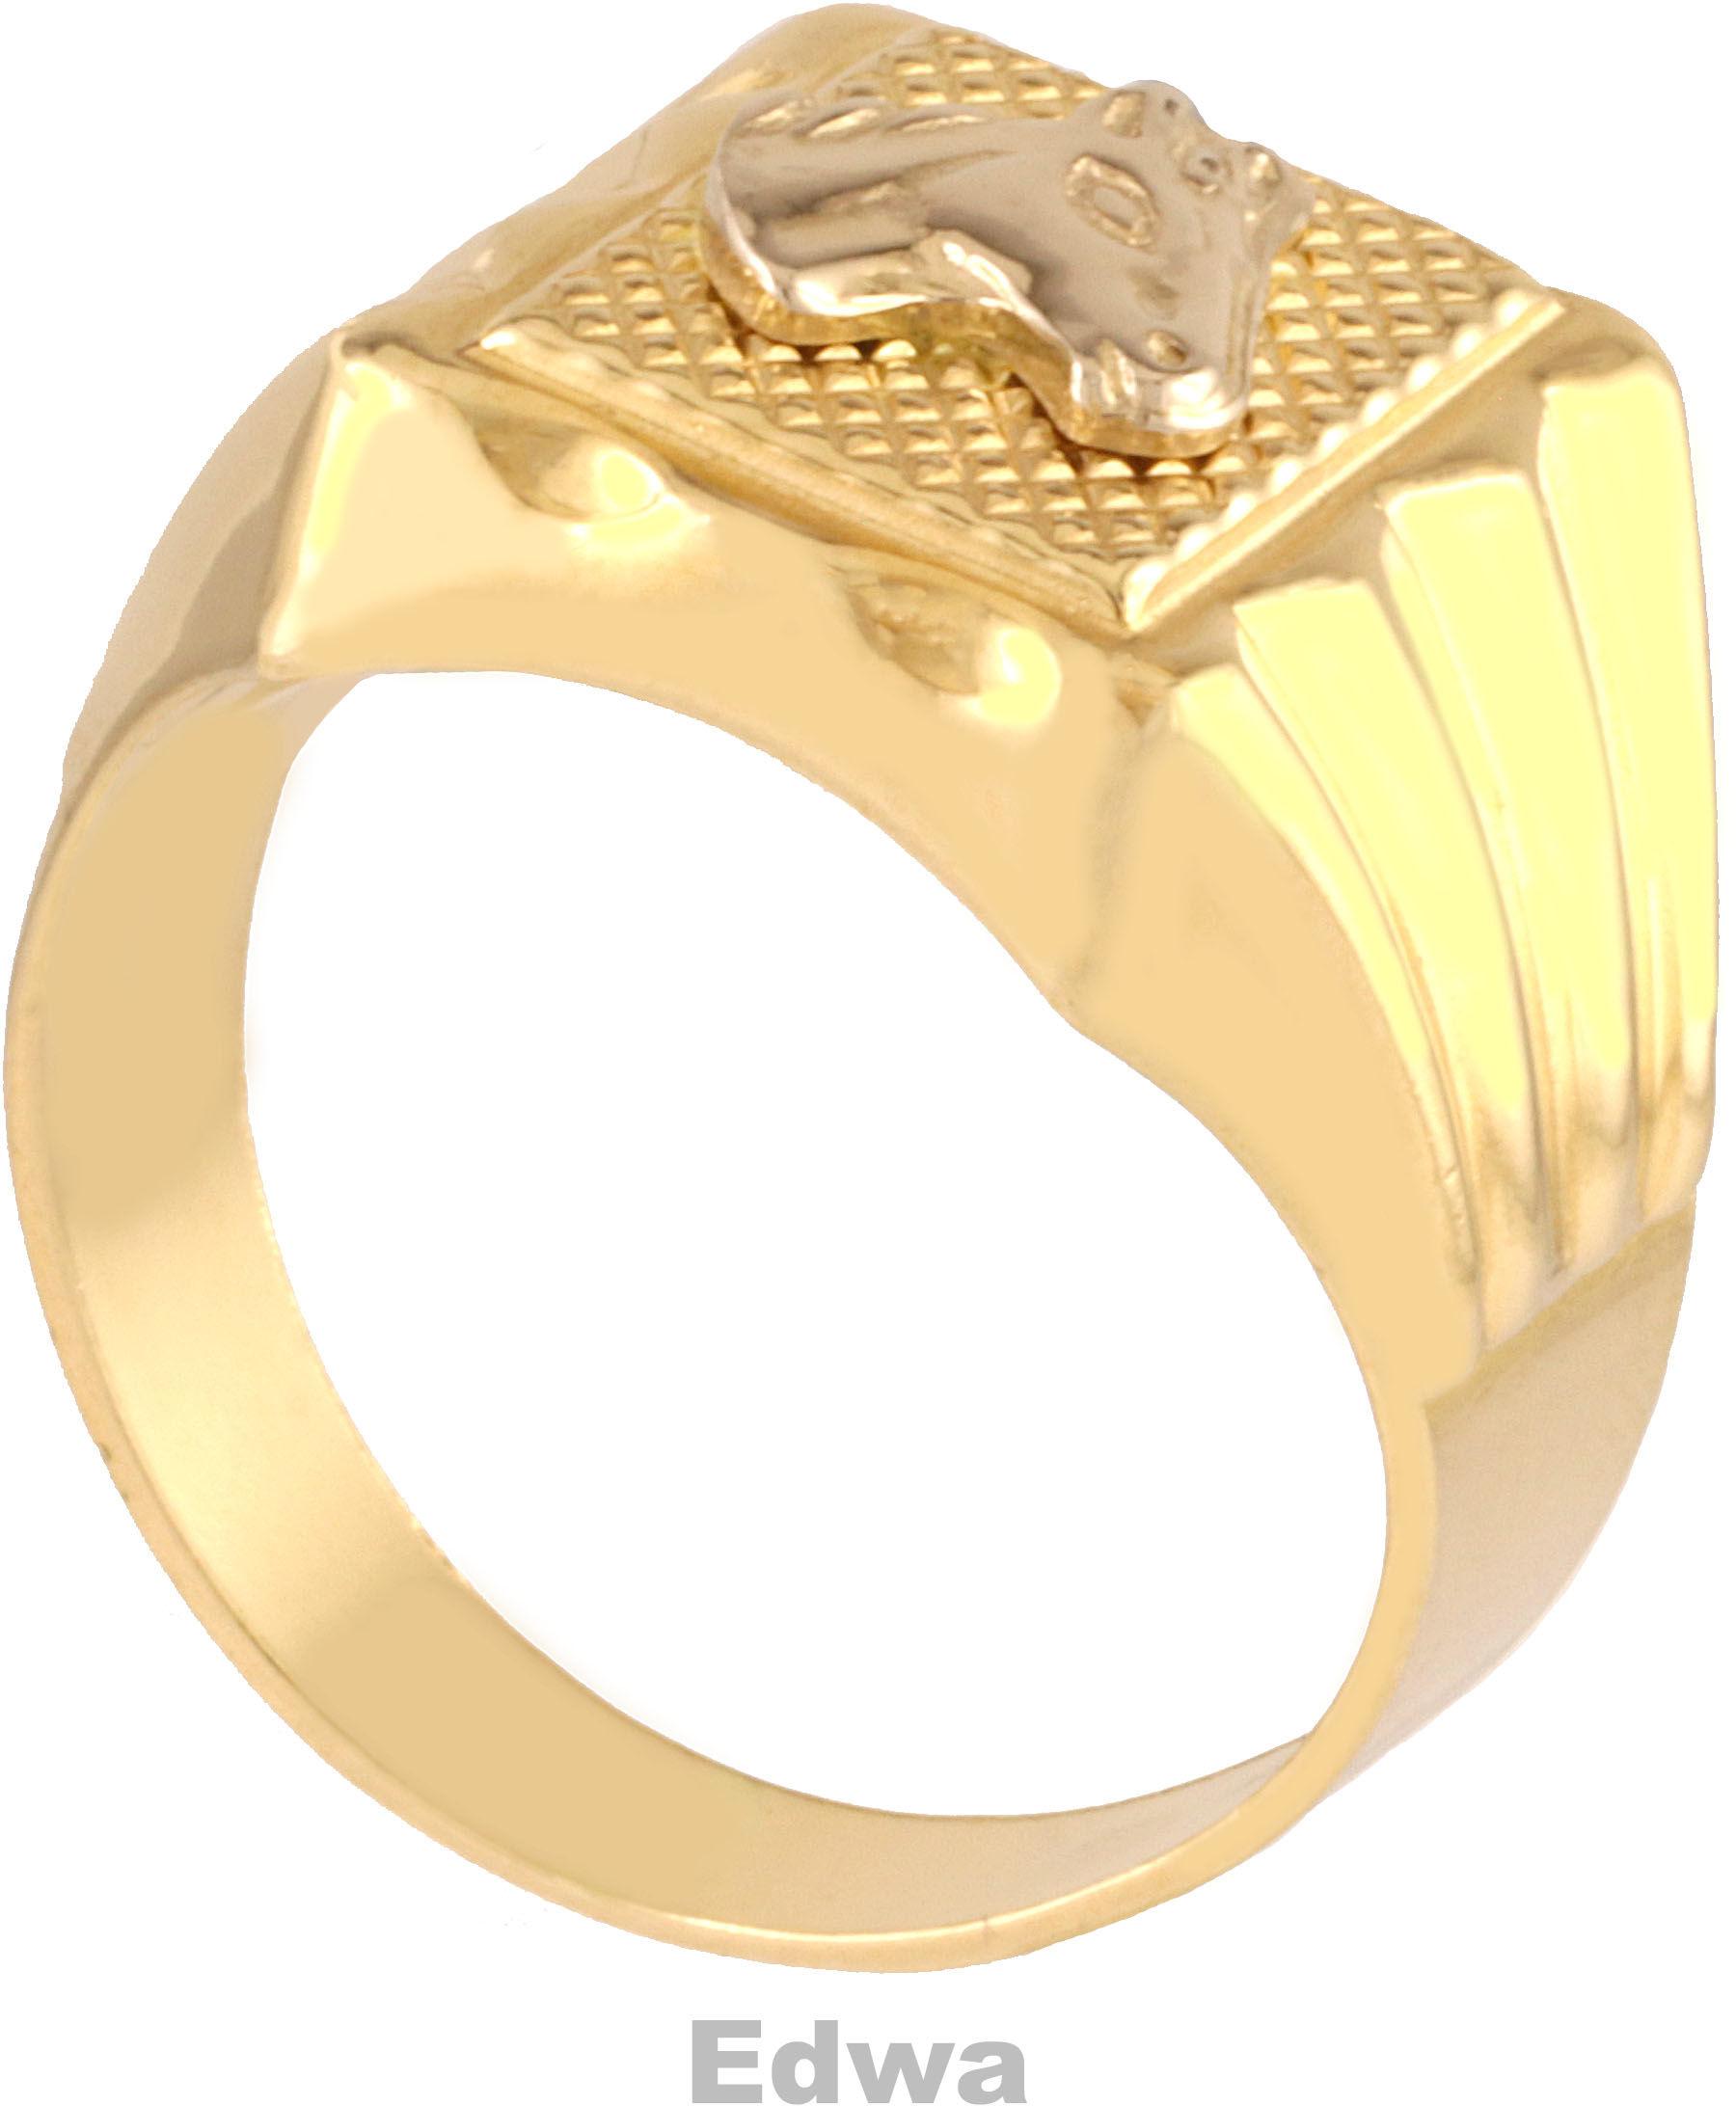 Sygnet złoty pr.585 roz.24